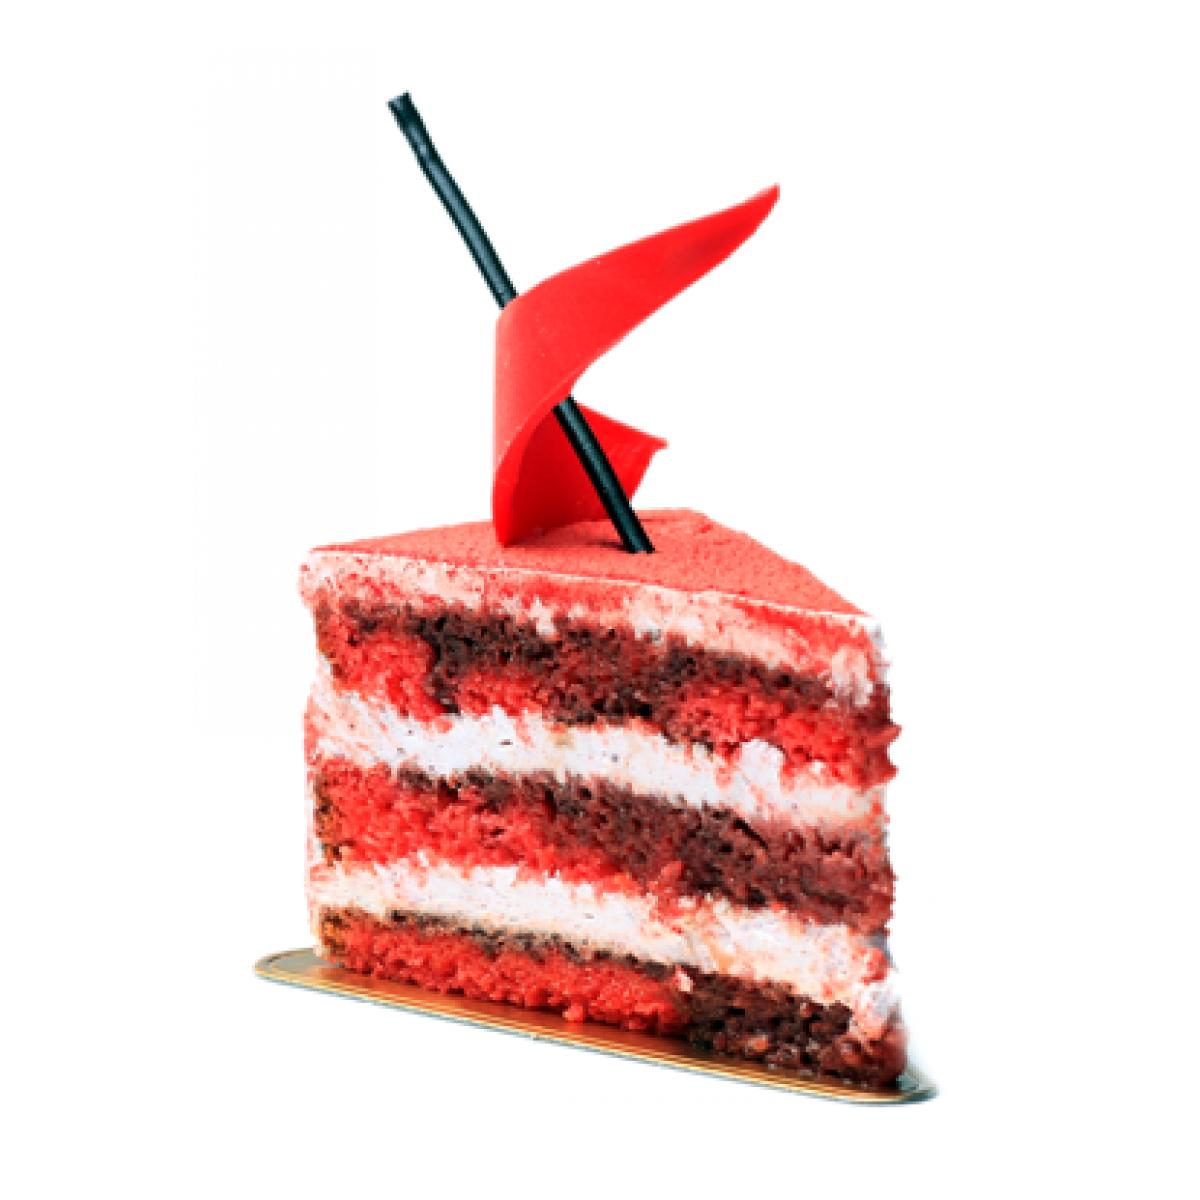 Red Velvet Pastry - Red Velvet Cake PNG